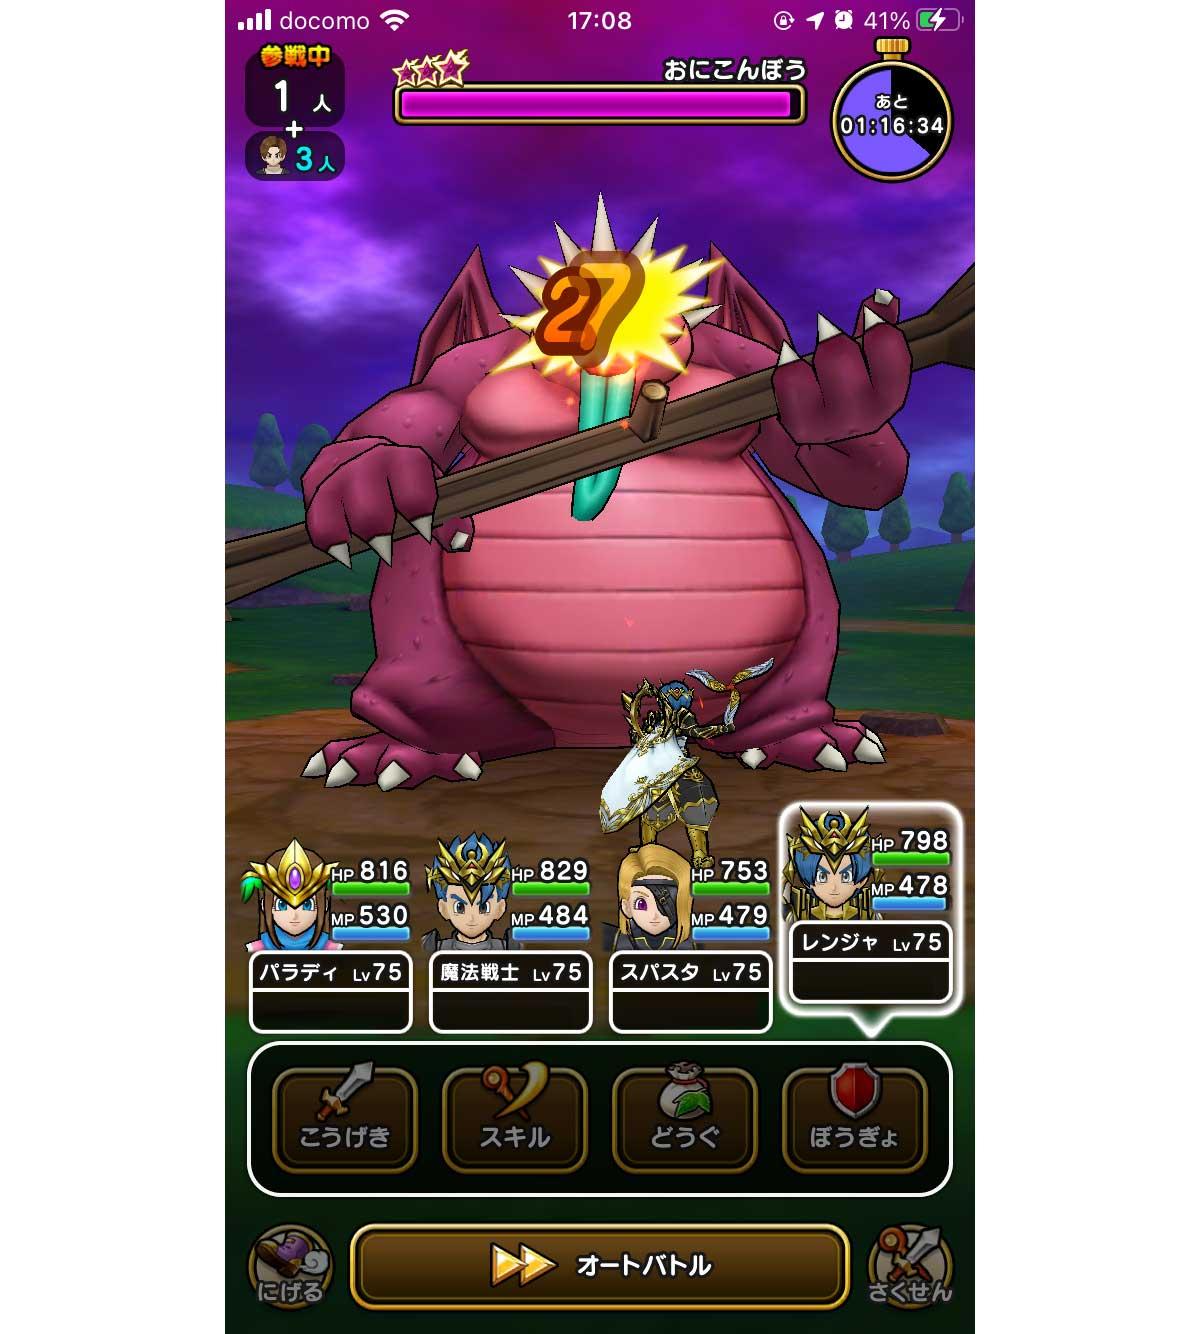 おにこんぼうに勝てない人への安定攻略法!スーパースターをメガモン戦に活用しフルオートで鬼棍棒を倒そうう! dragonquest-walk-onikonbo-img_5818